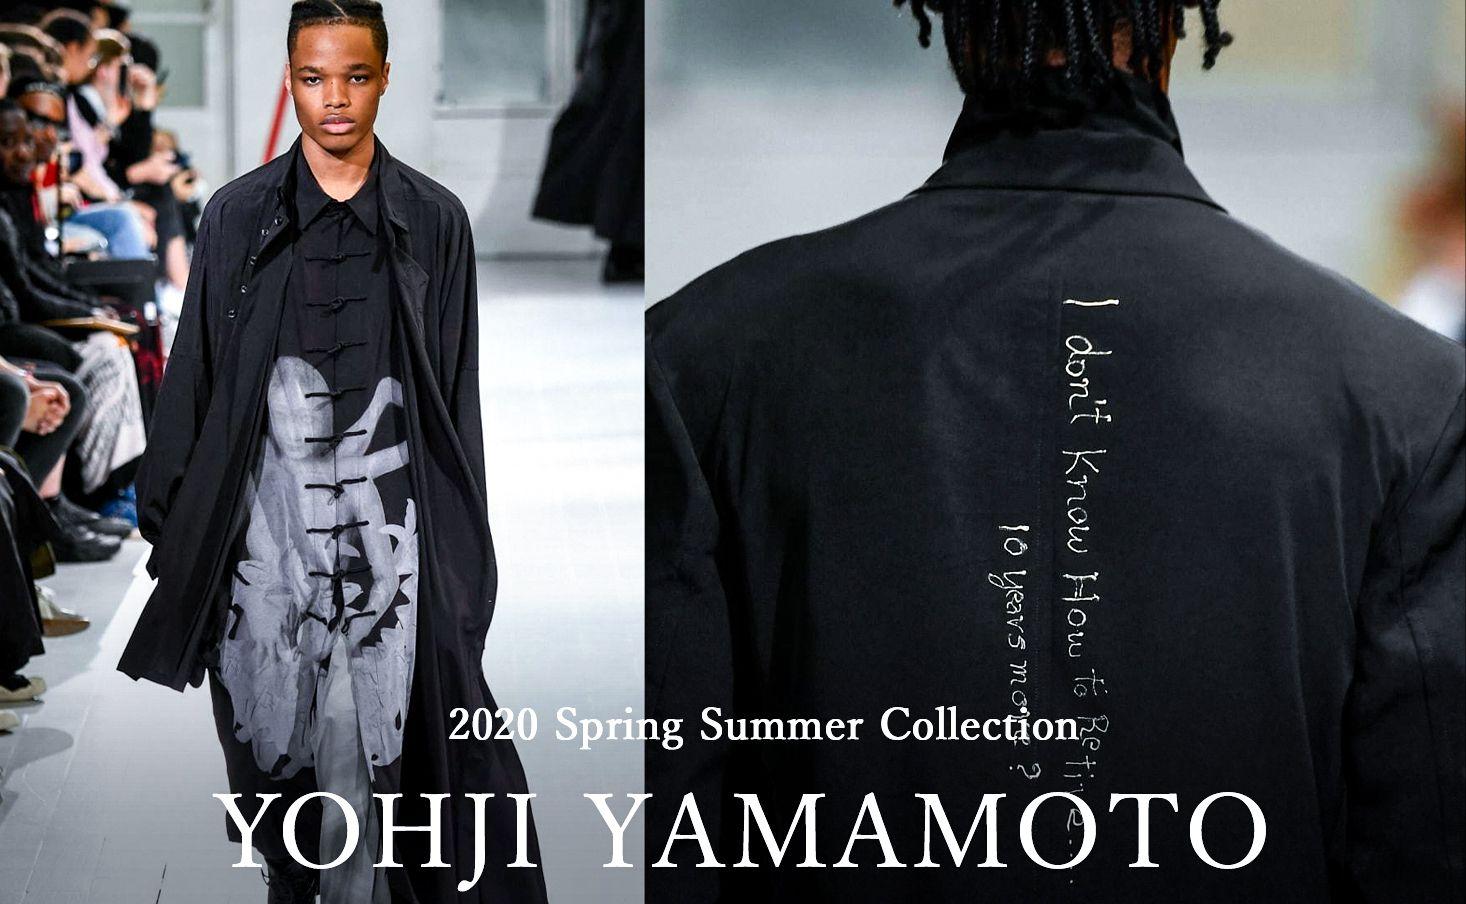 Yohji Yamamoto 2020SS Collection